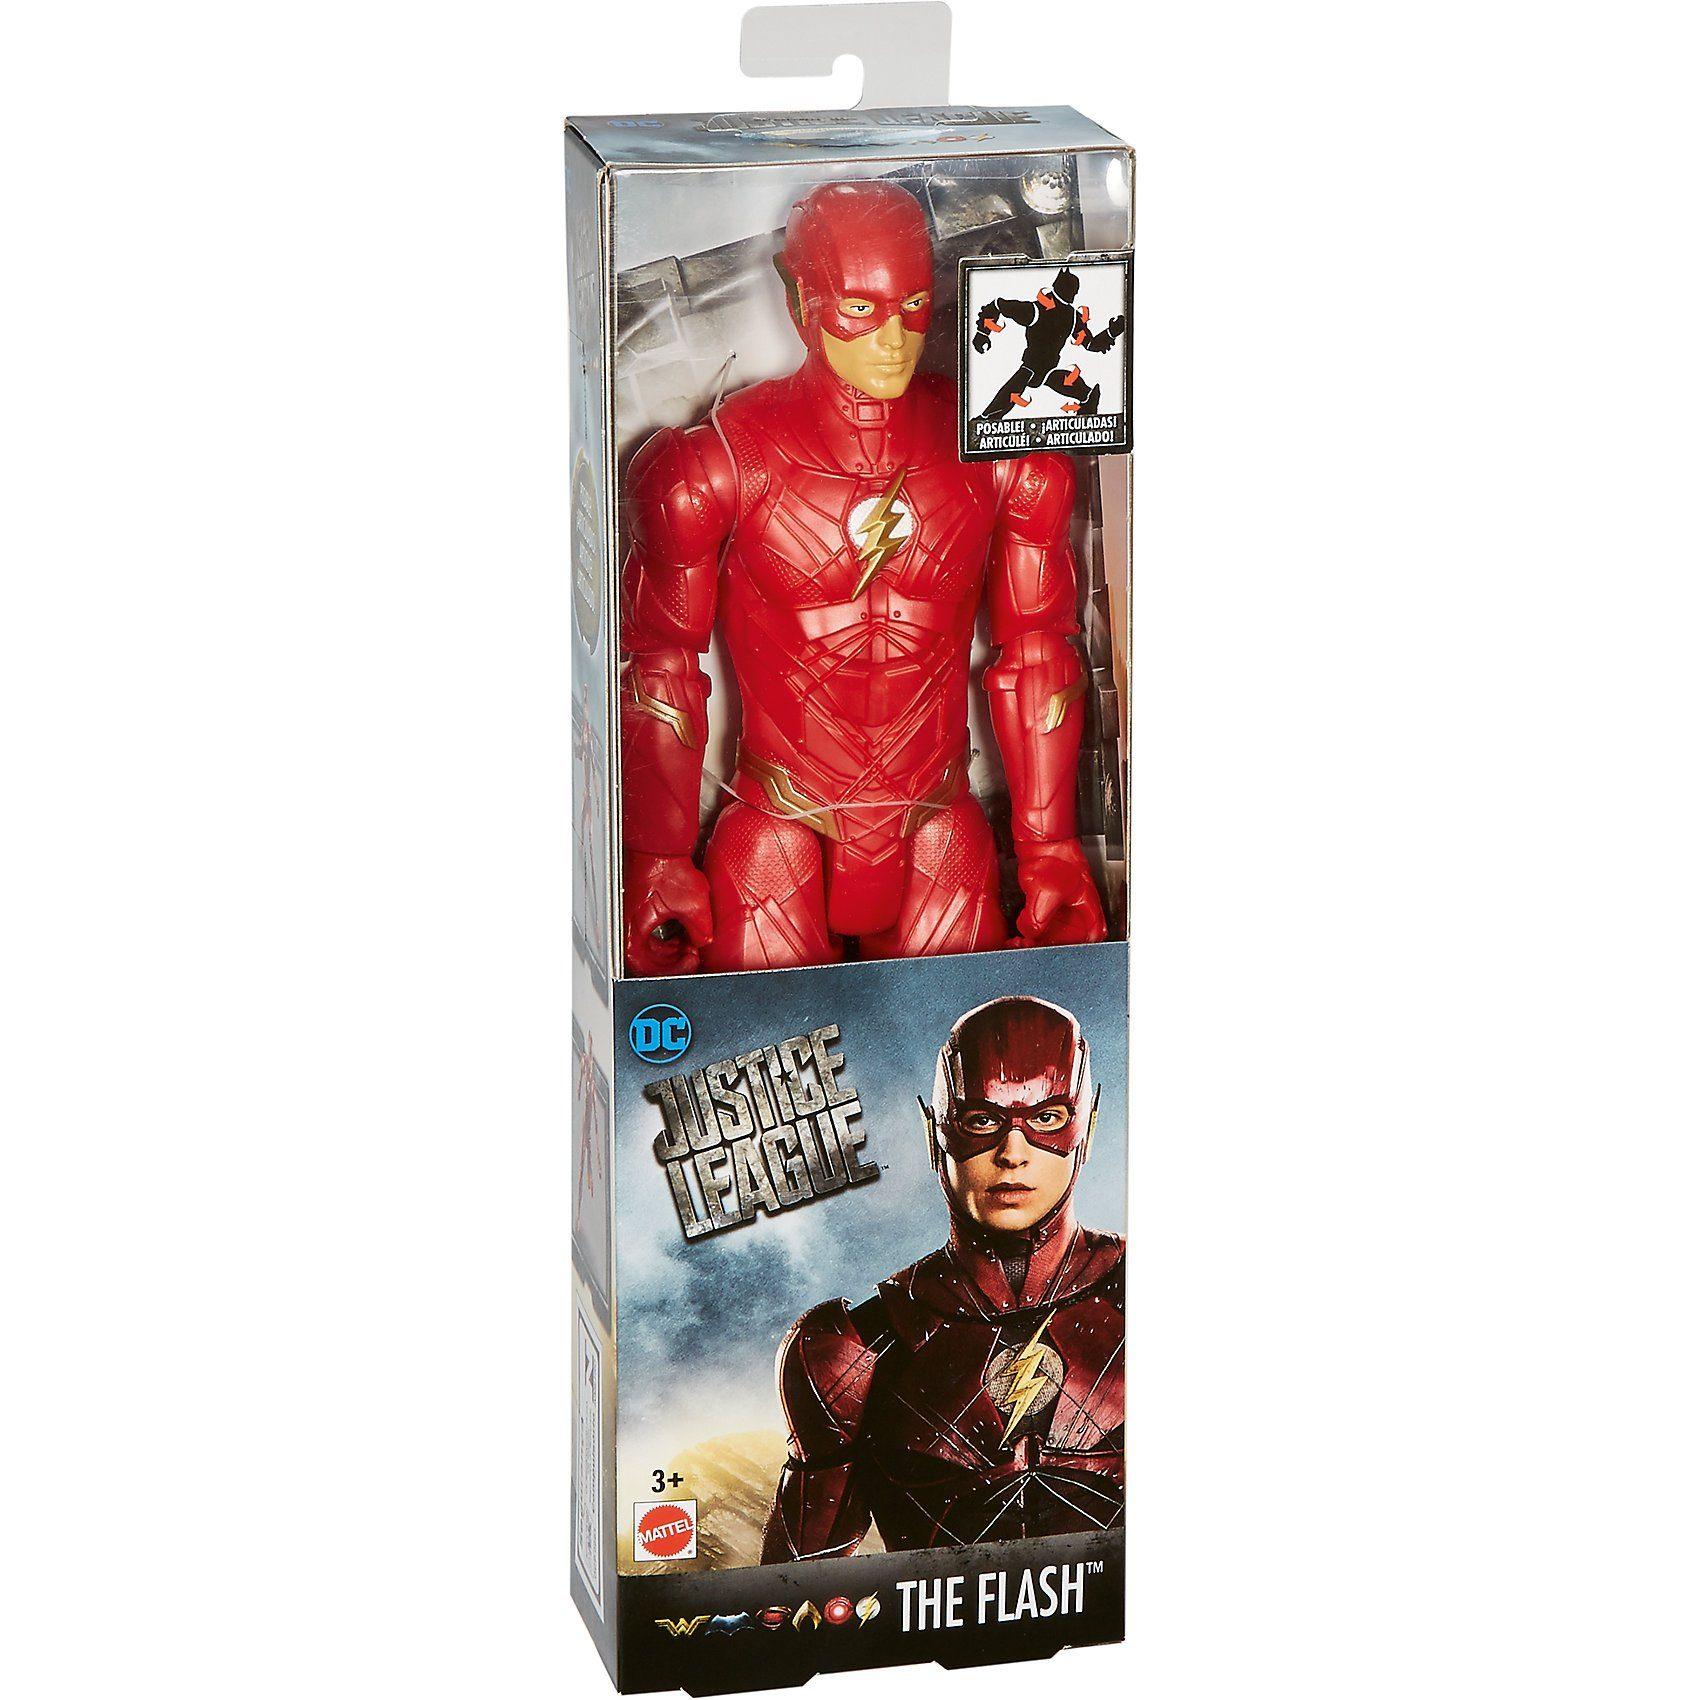 Mattel® DC Justice League Movie Basis Figur The Flash (30 cm)